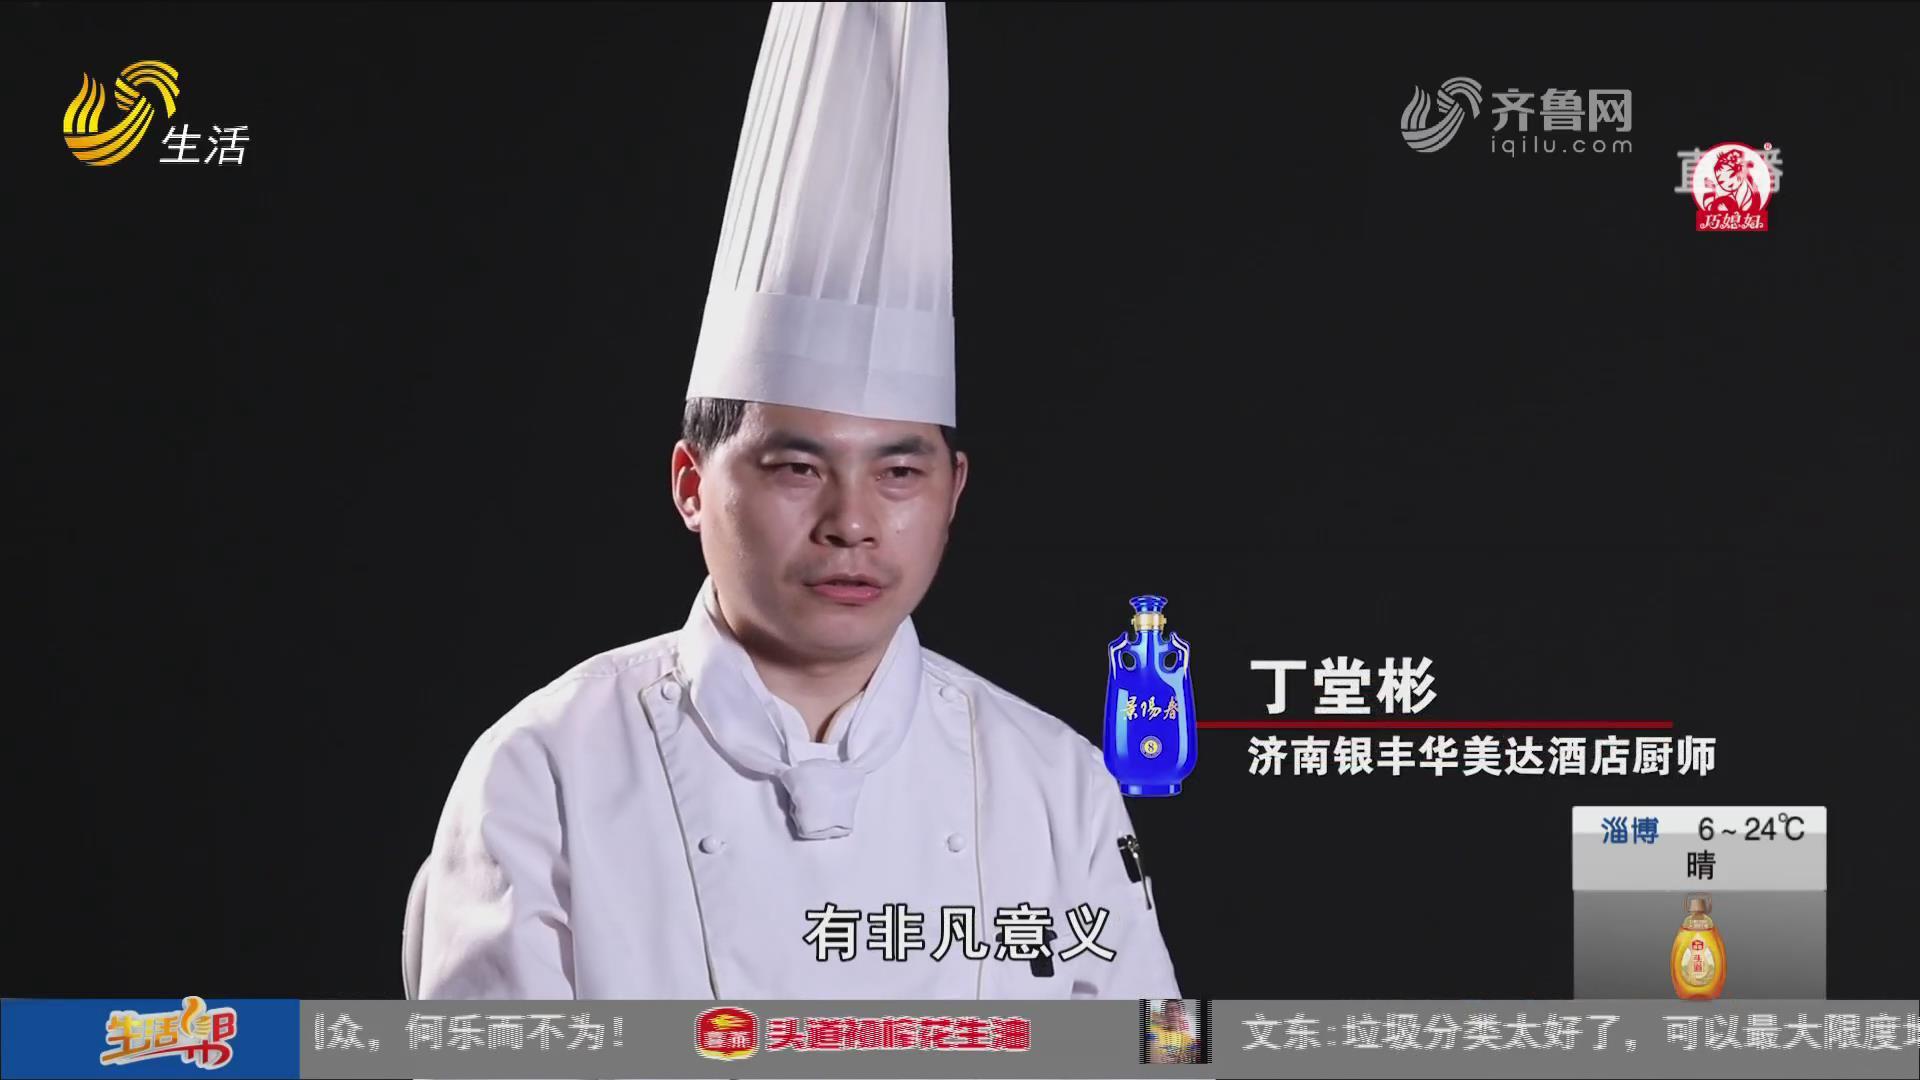 【难舍经典 山东味道】第12期冠军菜品——明湖鲤鱼戏荷莲